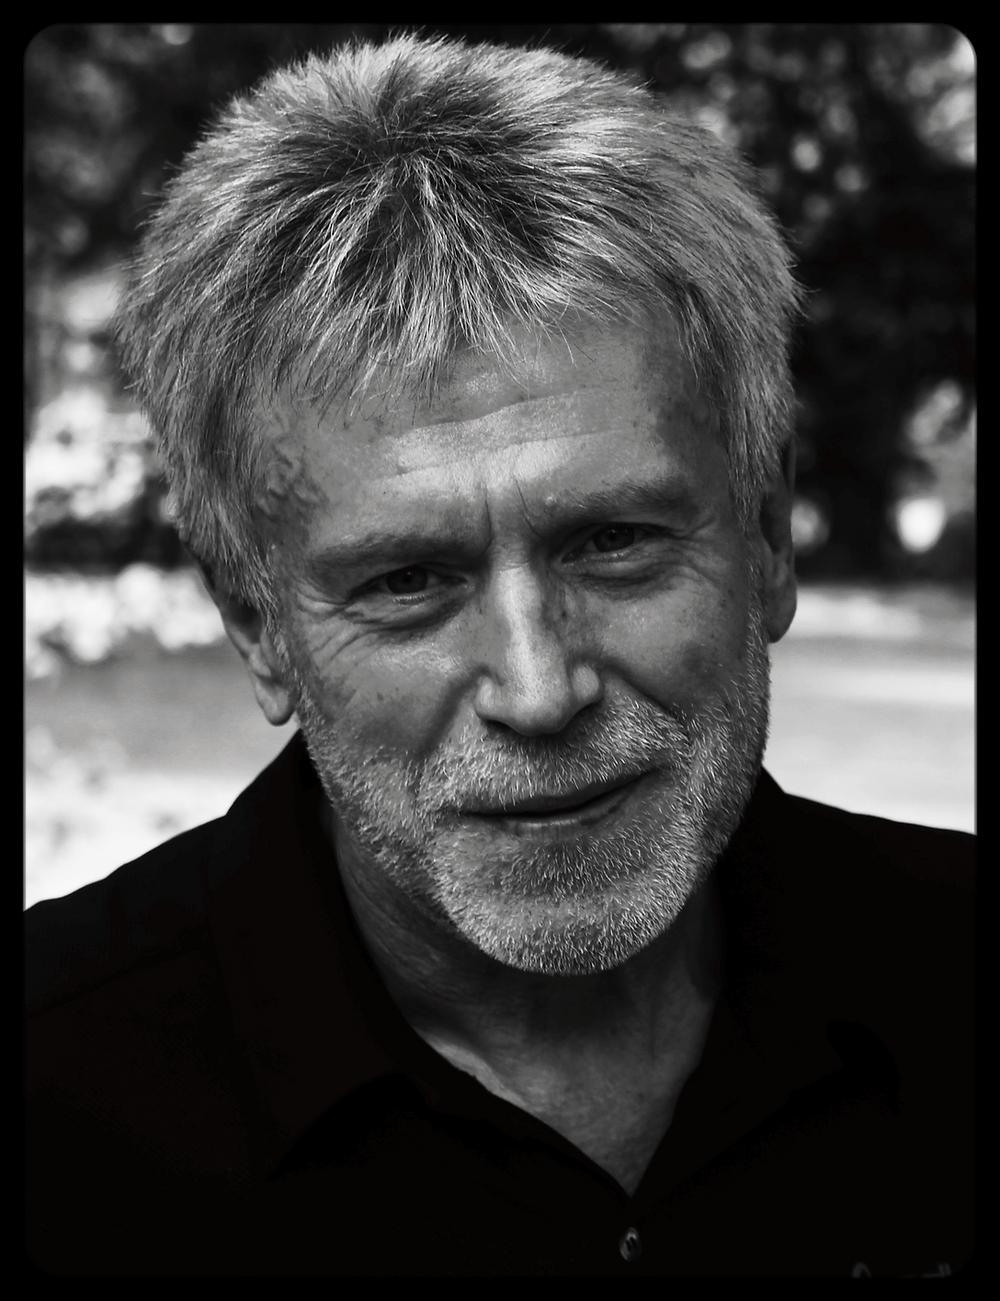 Laufinstinkt+ Schwaben Augsburg - Dr. Burkhard Boenigk, Lauftherapeut DLZ®